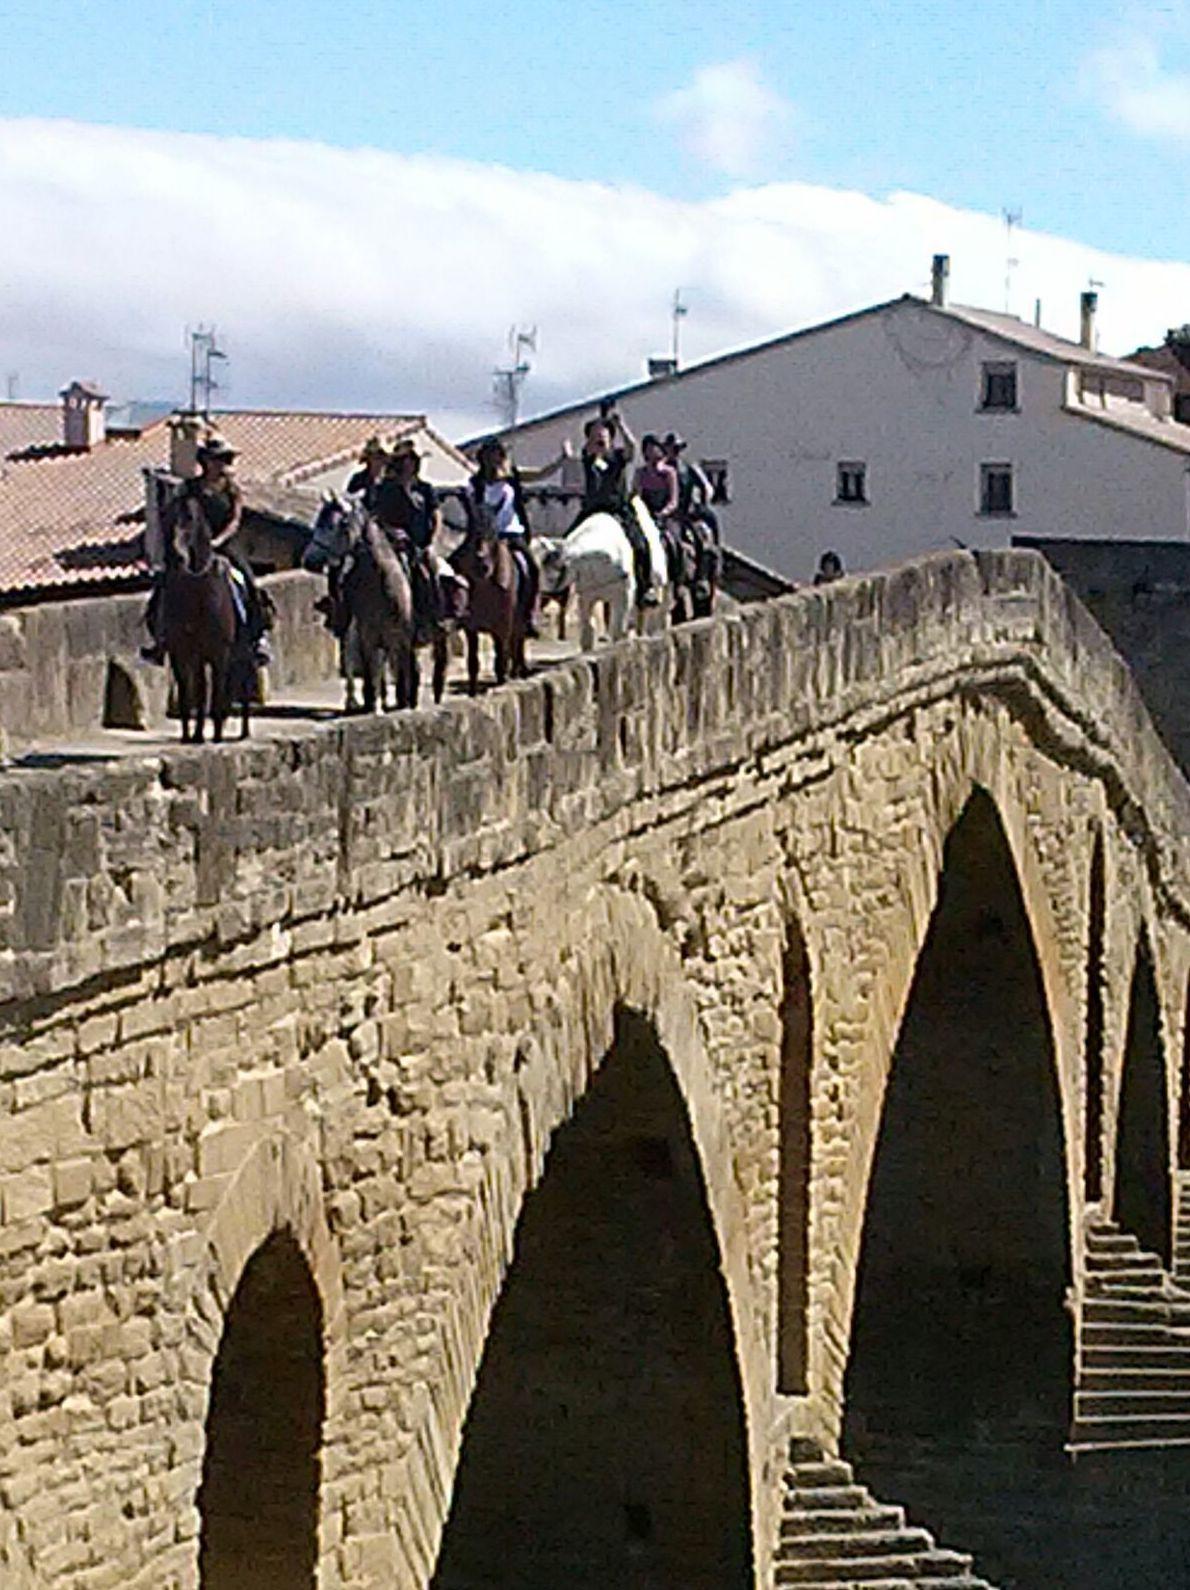 Foto 16 de Centro de equitación y equinoterapia en Labiano | Centro de Equitación y Equinoterapia Biki Blasco